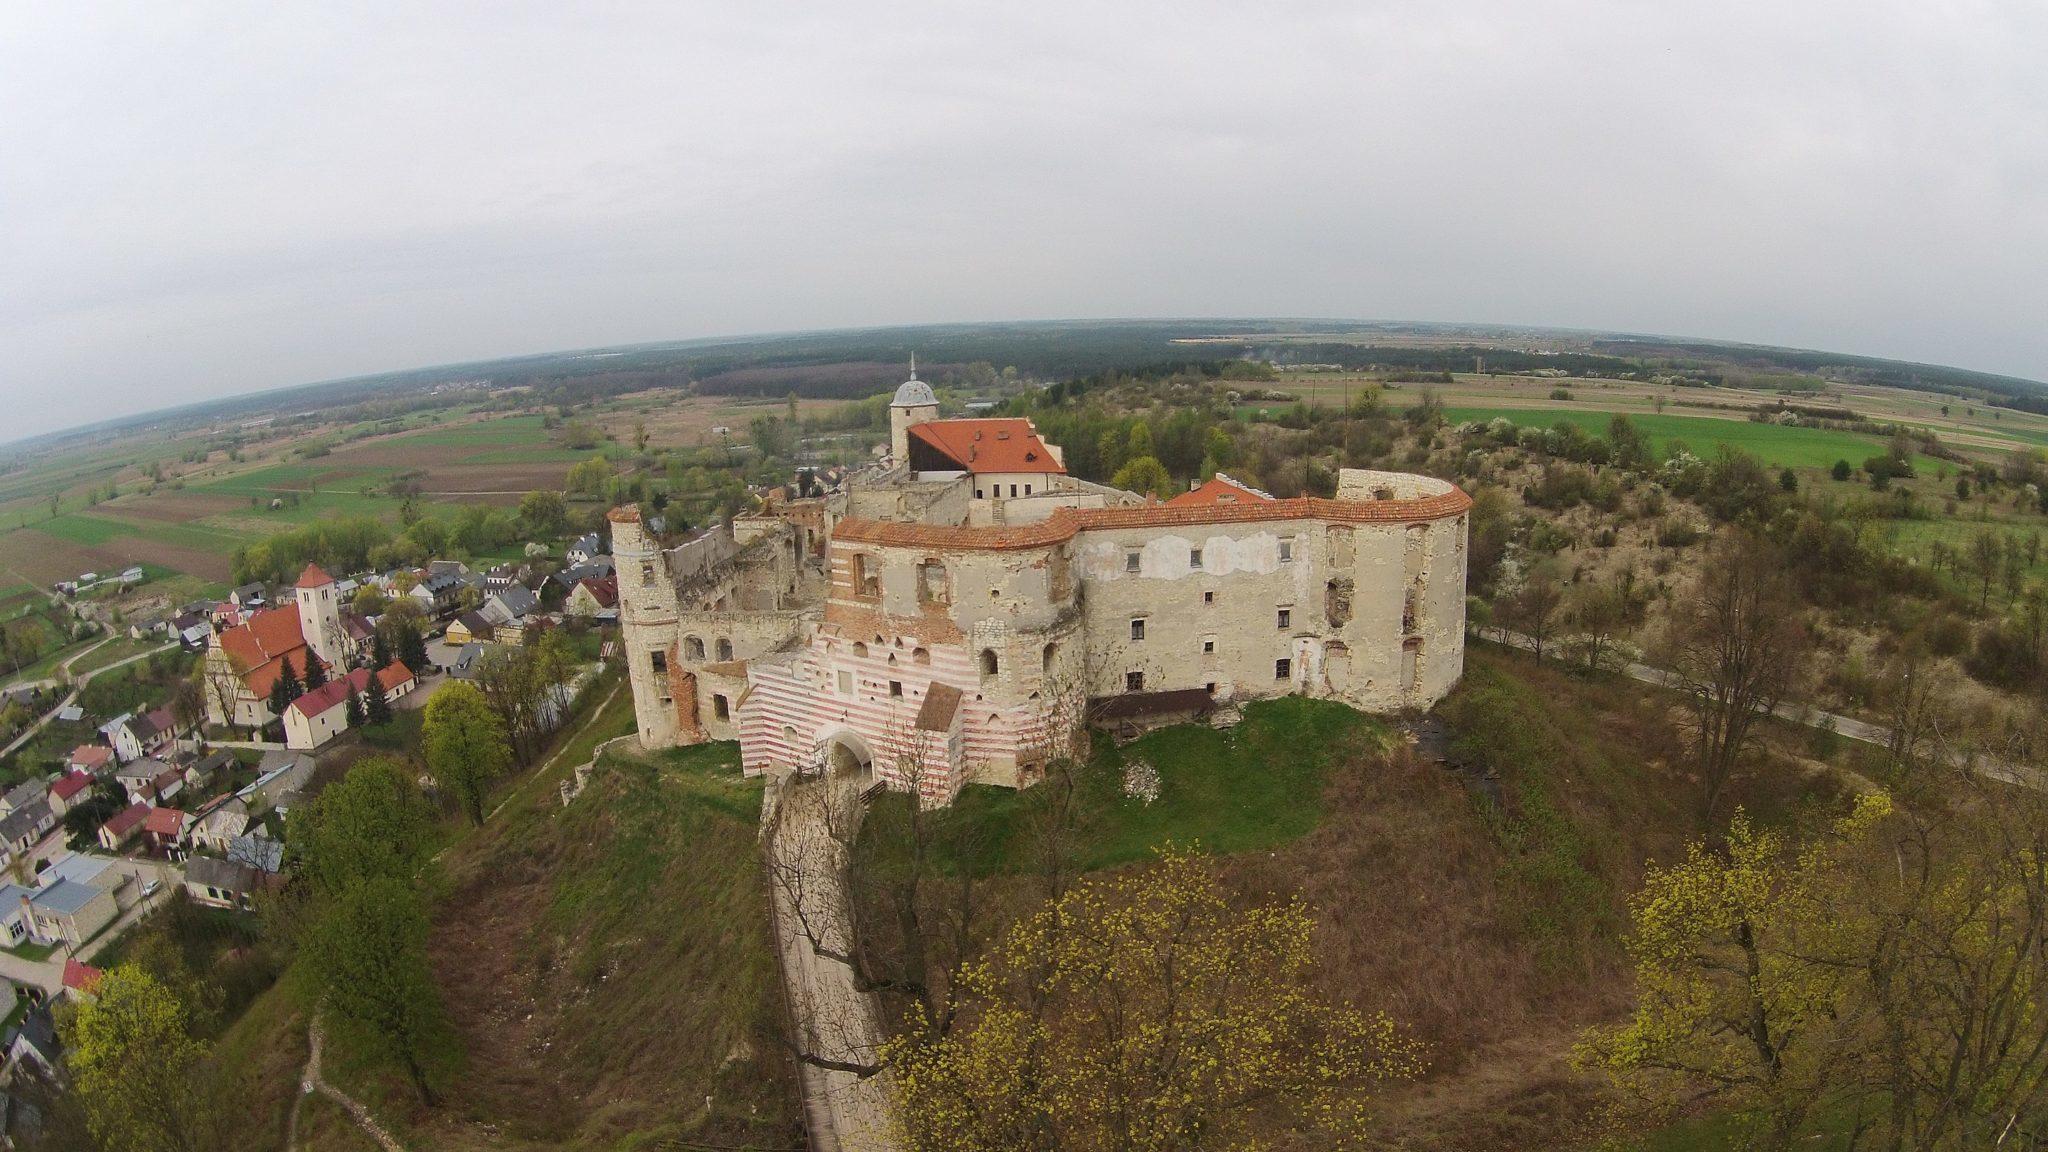 Zamek niedaleko Kazimierza Dolnego